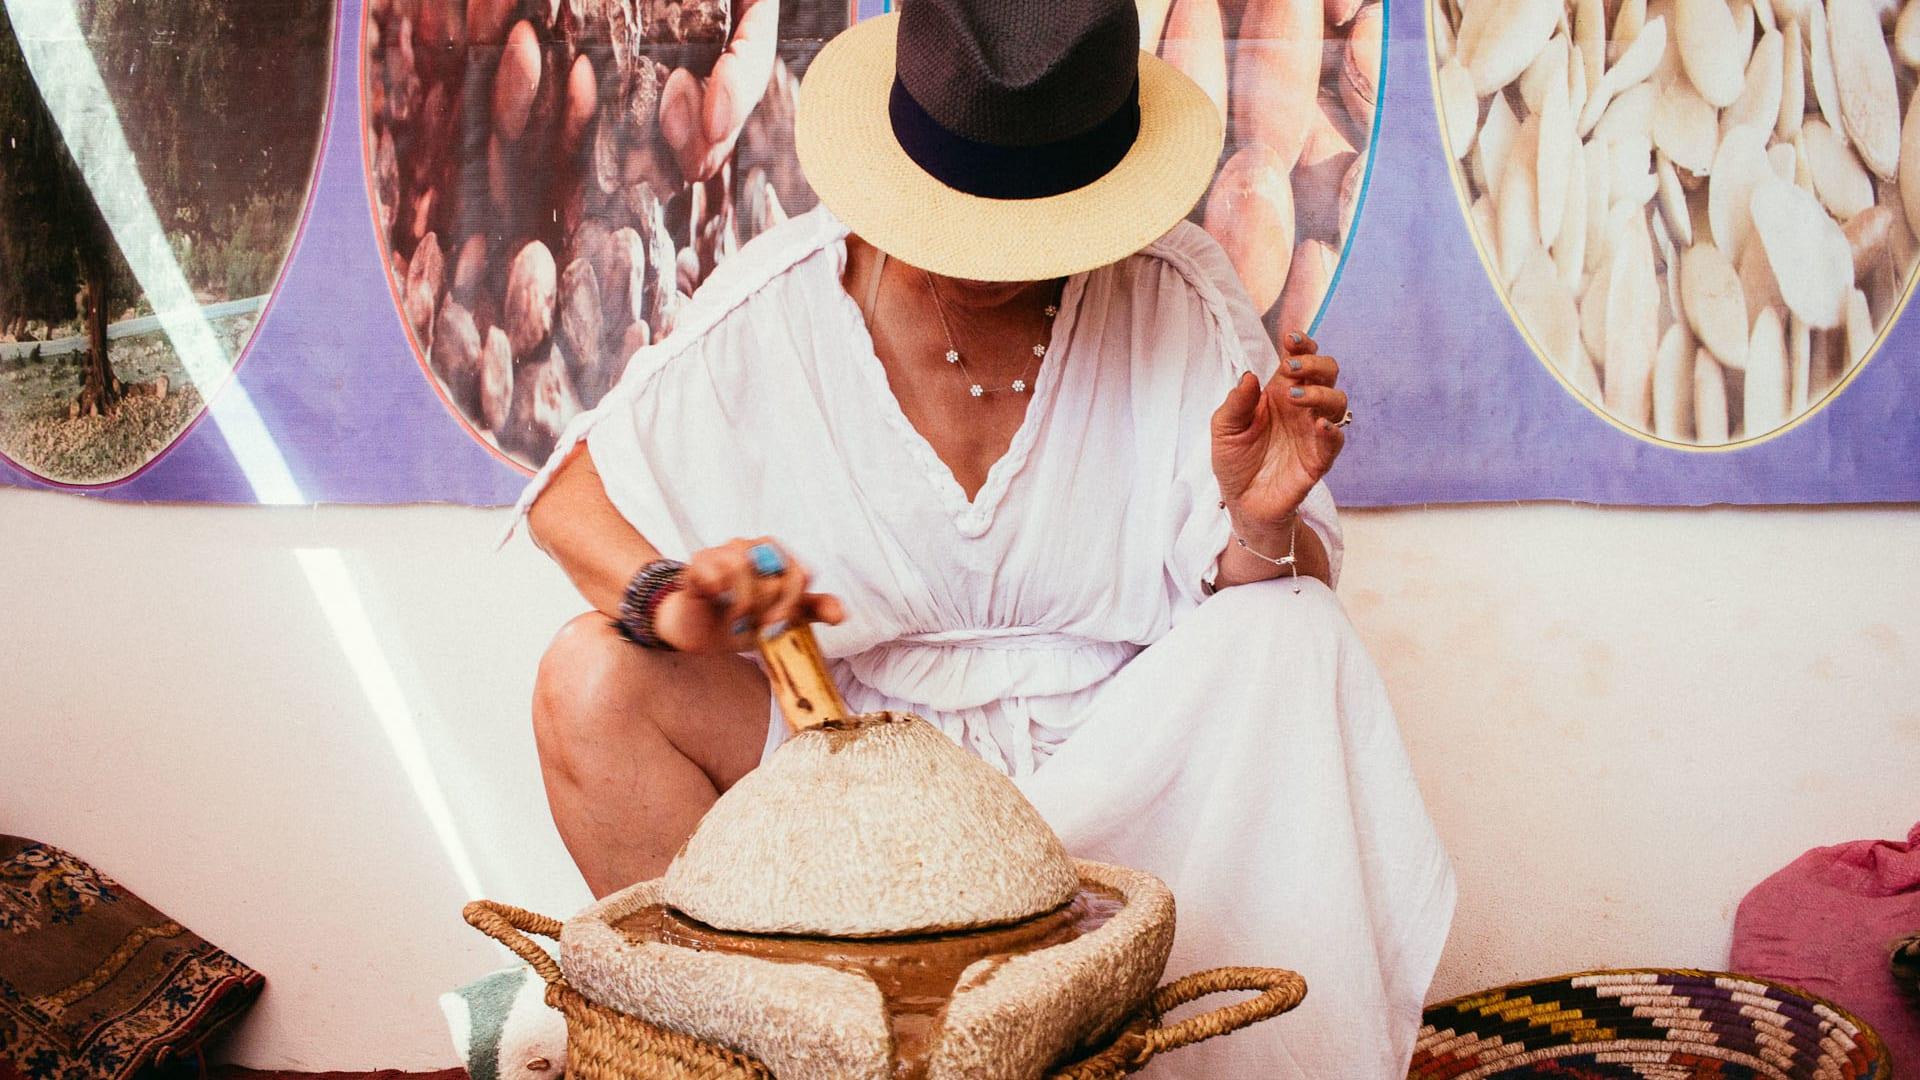 سحر الحياة البسيطة.. استكشف كيفية إنتاج هذالسائل الذهبي الثمين بهذه المزرعة بالمغرب